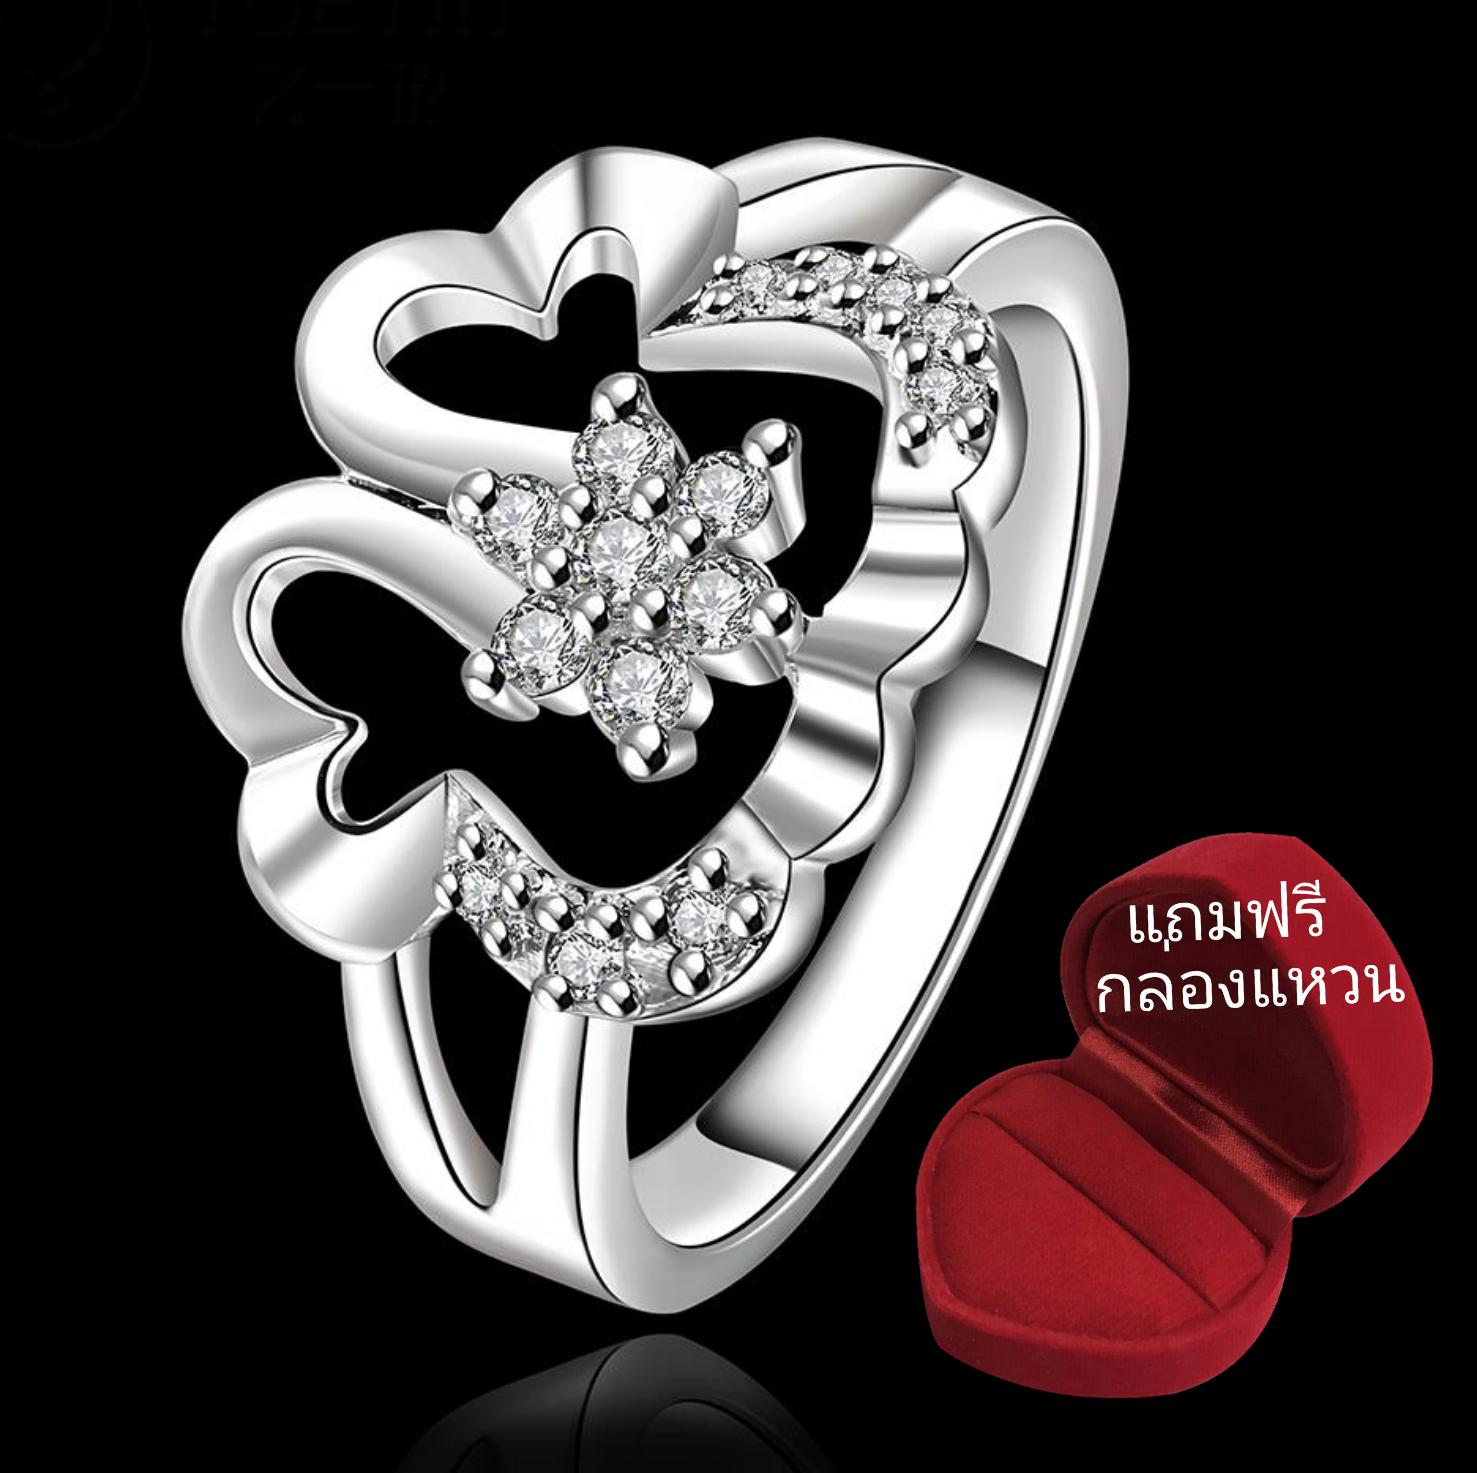 ฟรีกล่องแหวน R881 แหวนเพชรCZ ตัวเรือนเคลือบเงิน 925 หัวแหวนรูปดอกไม้แต่งเพชร ขนาดแหวนเบอร์ 8